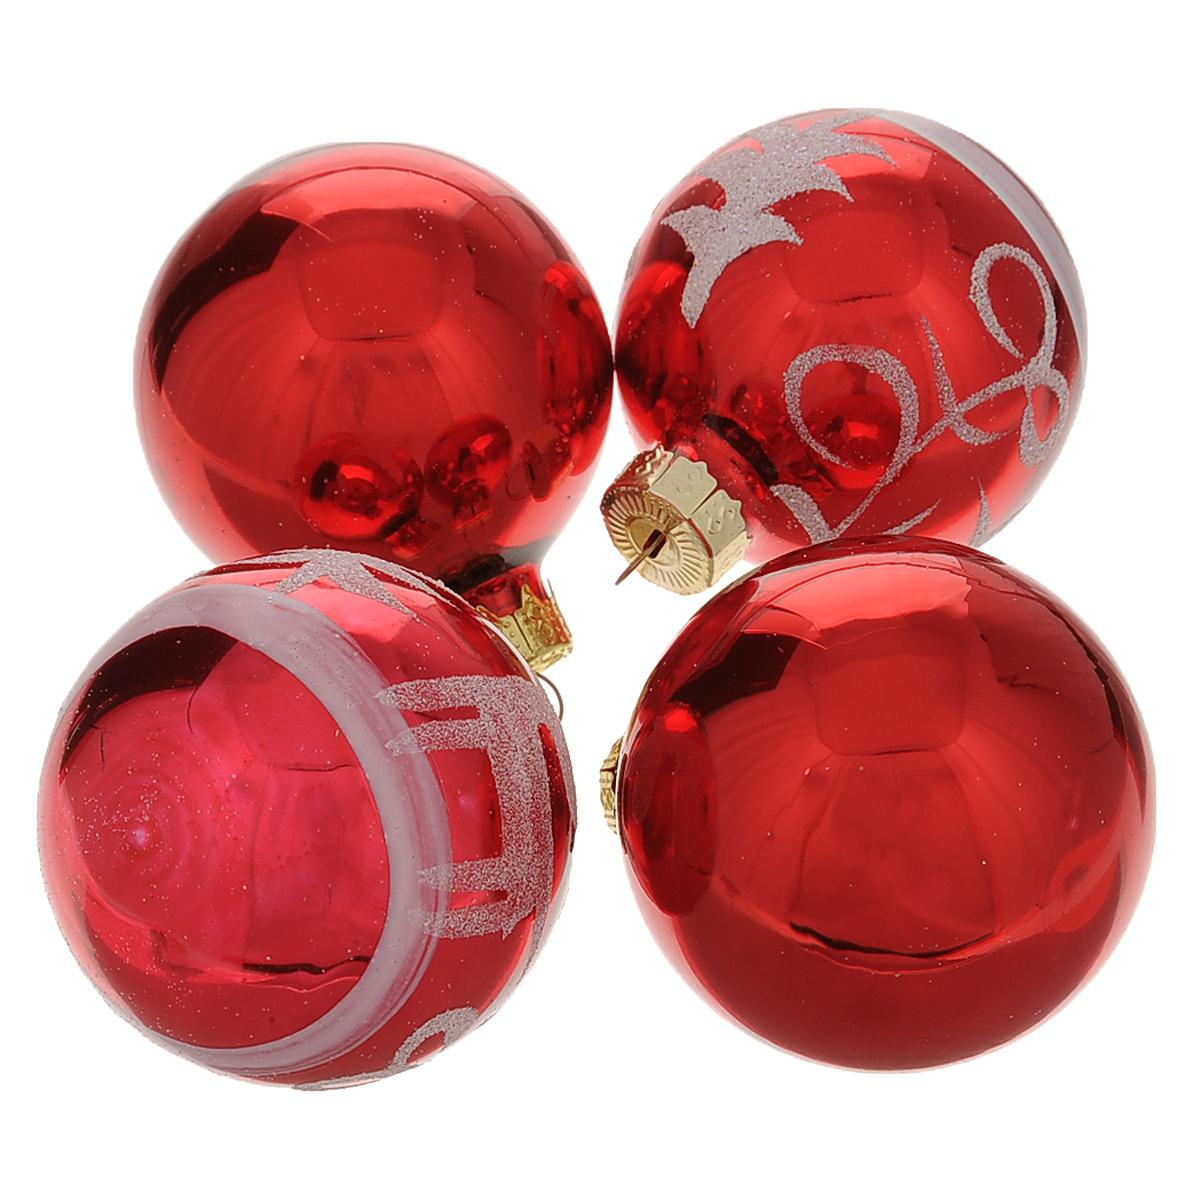 Набор новогодних подвесных украшений Шар, цвет: серебристый, красный, диаметр 6 см, 4 шт. 3448509840-20.000.00Набор новогодних подвесных украшений Шар прекрасно подойдет для праздничного декора новогодней ели. Состоит из четырех шаров.Елочная игрушка - символ Нового года. Она несет в себе волшебство и красоту праздника. Создайте в своем доме атмосферу веселья и радости, украшая новогоднюю елку нарядными игрушками, которые будут из года в год накапливать теплоту воспоминаний. Коллекция декоративных украшений принесет в ваш дом ни с чем несравнимое ощущение волшебства! Откройте для себя удивительный мир сказок и грез. Почувствуйте волшебные минуты ожидания праздника, создайте новогоднее настроение вашим дорогим и близким.